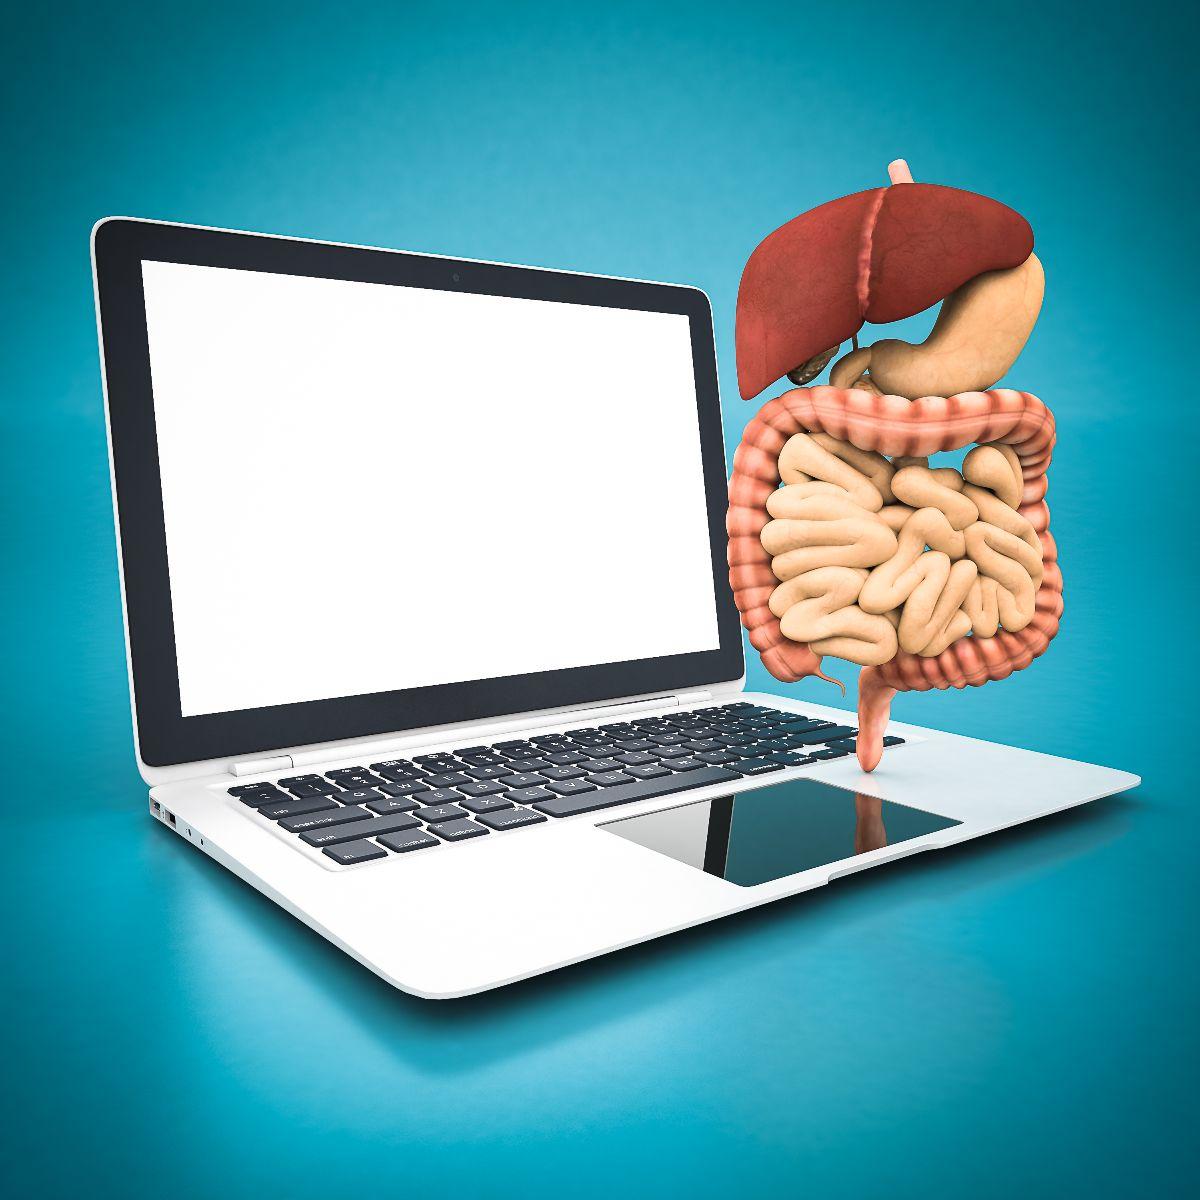 Ilustración de computadora laptop con modelo del sistema digestivo